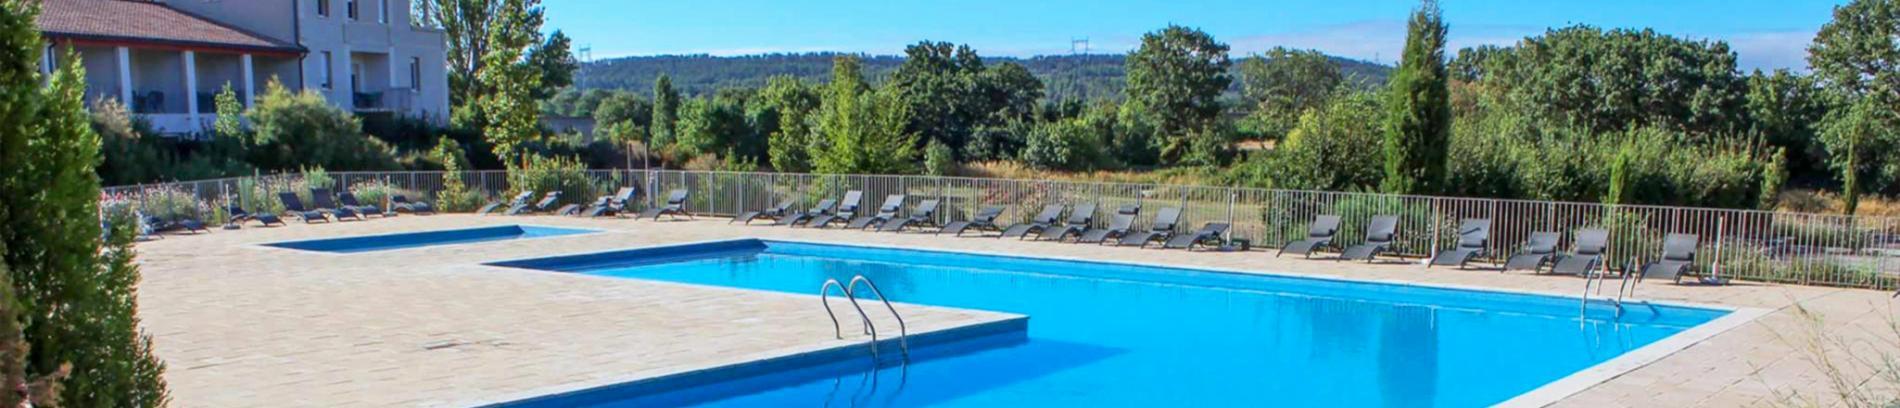 Slide piscine de la résidence